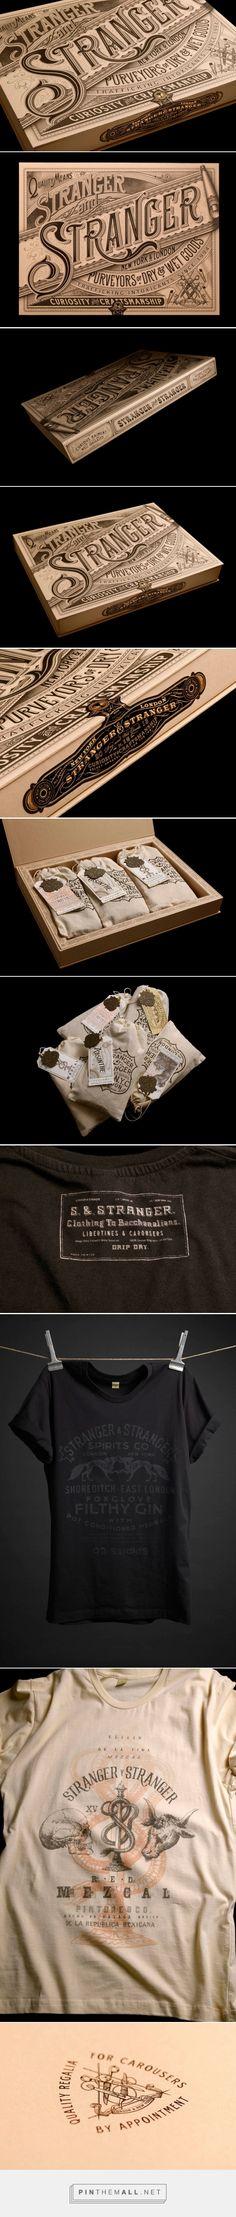 Stranger Xmas — The Dieline - Branding & Packaging